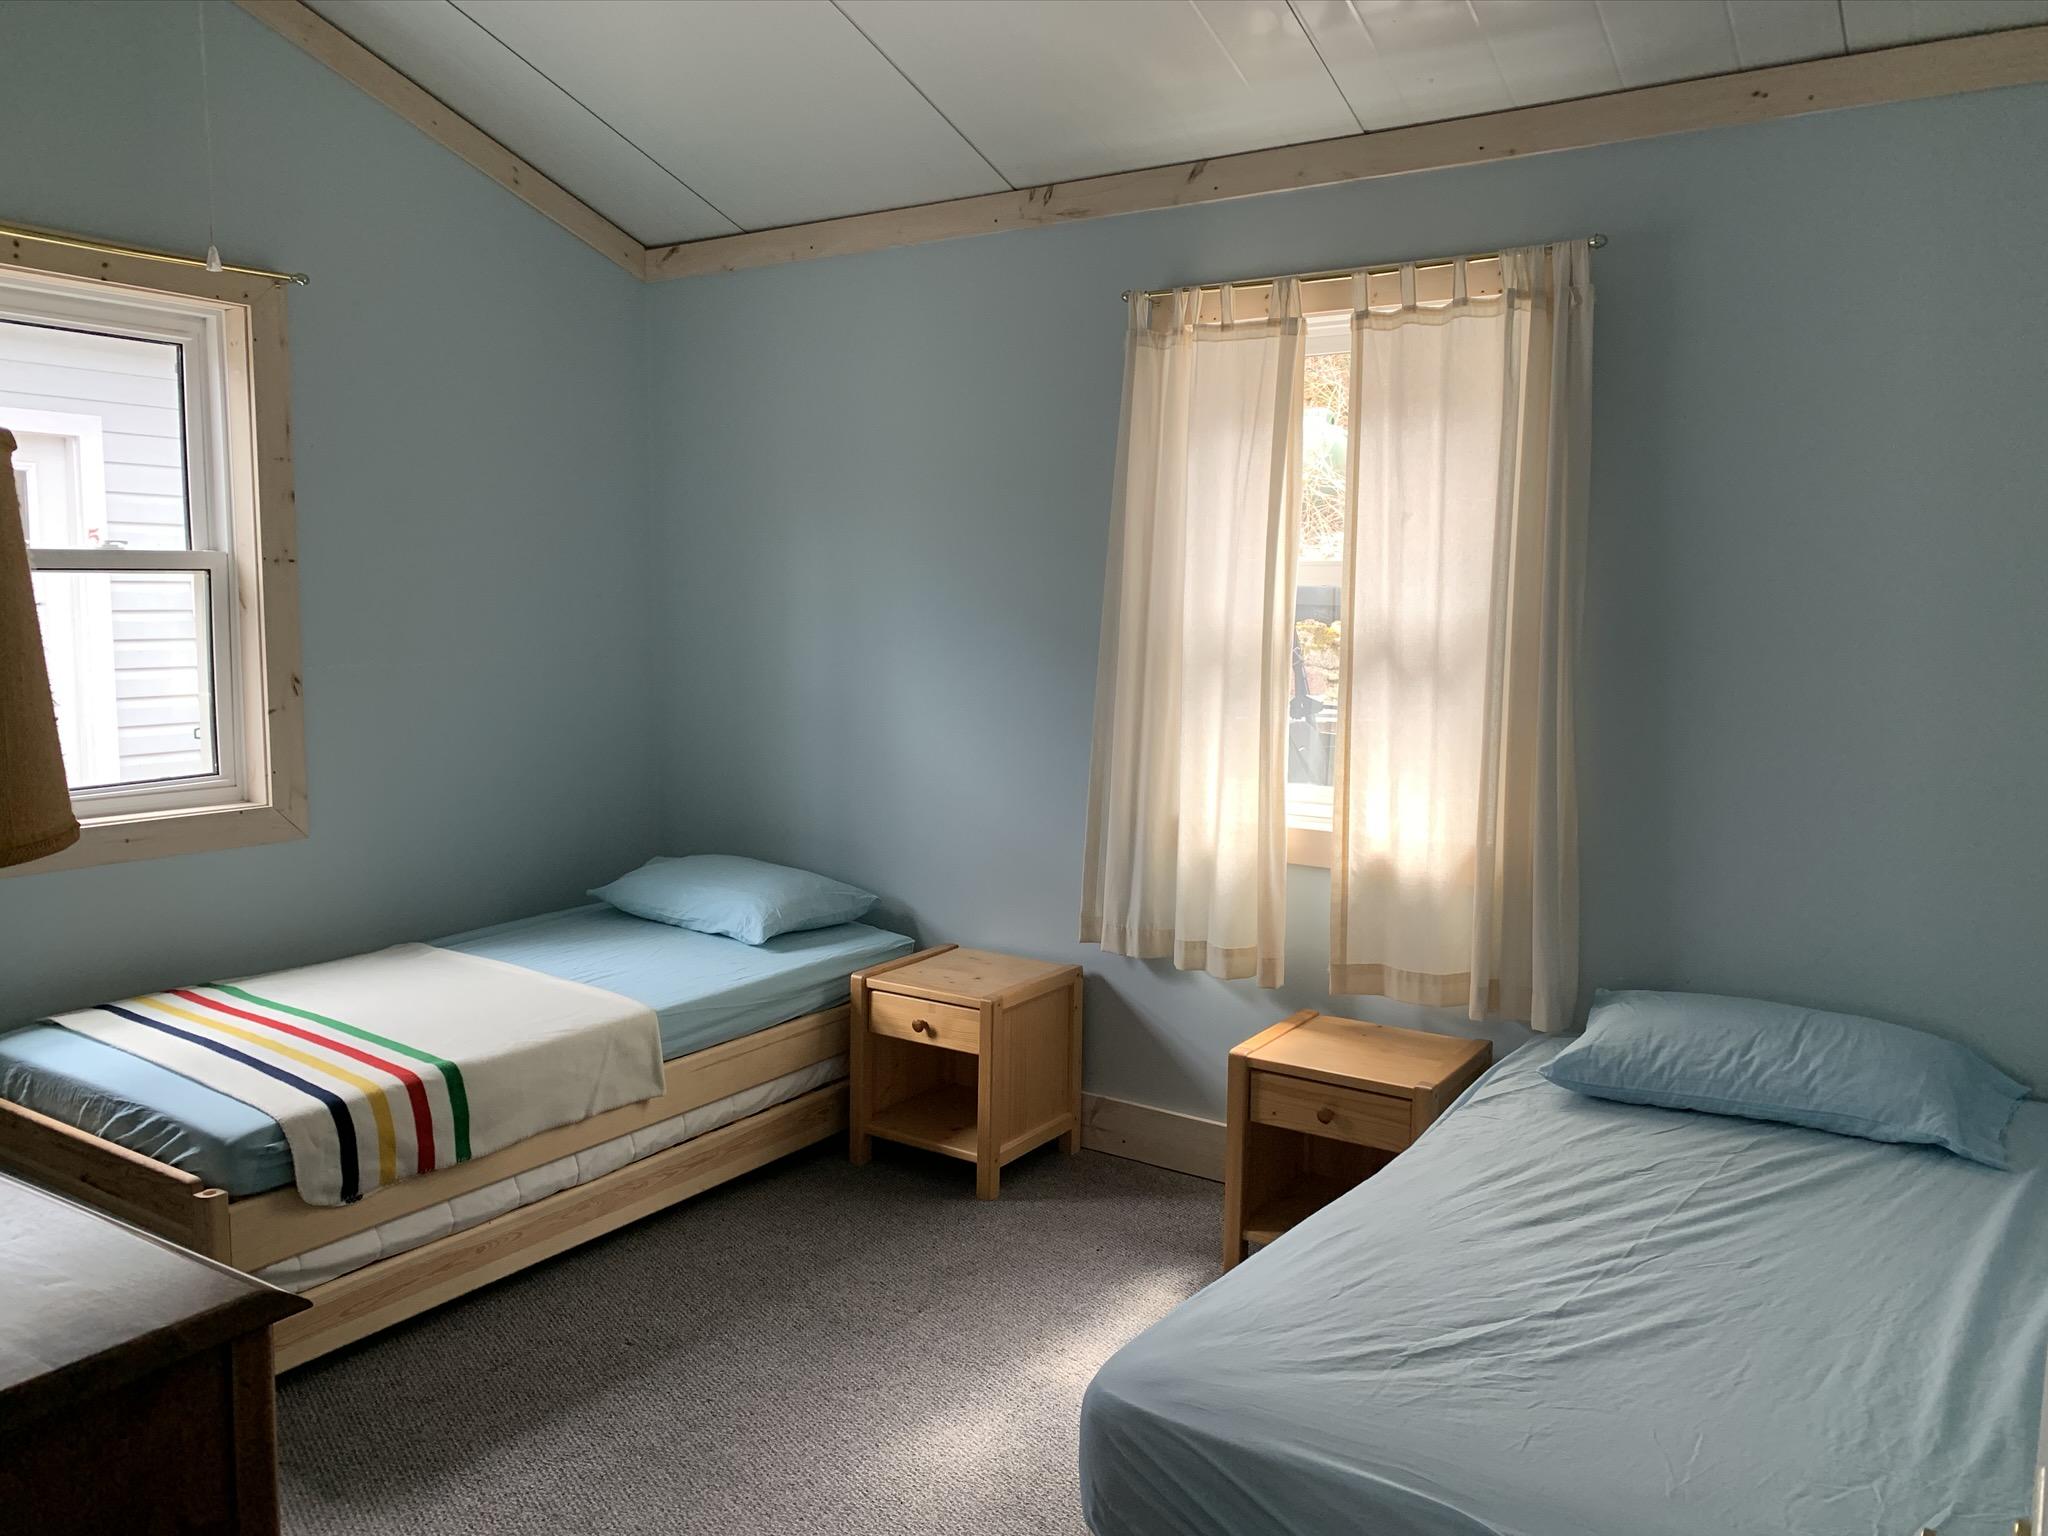 2 Bedroom - 10